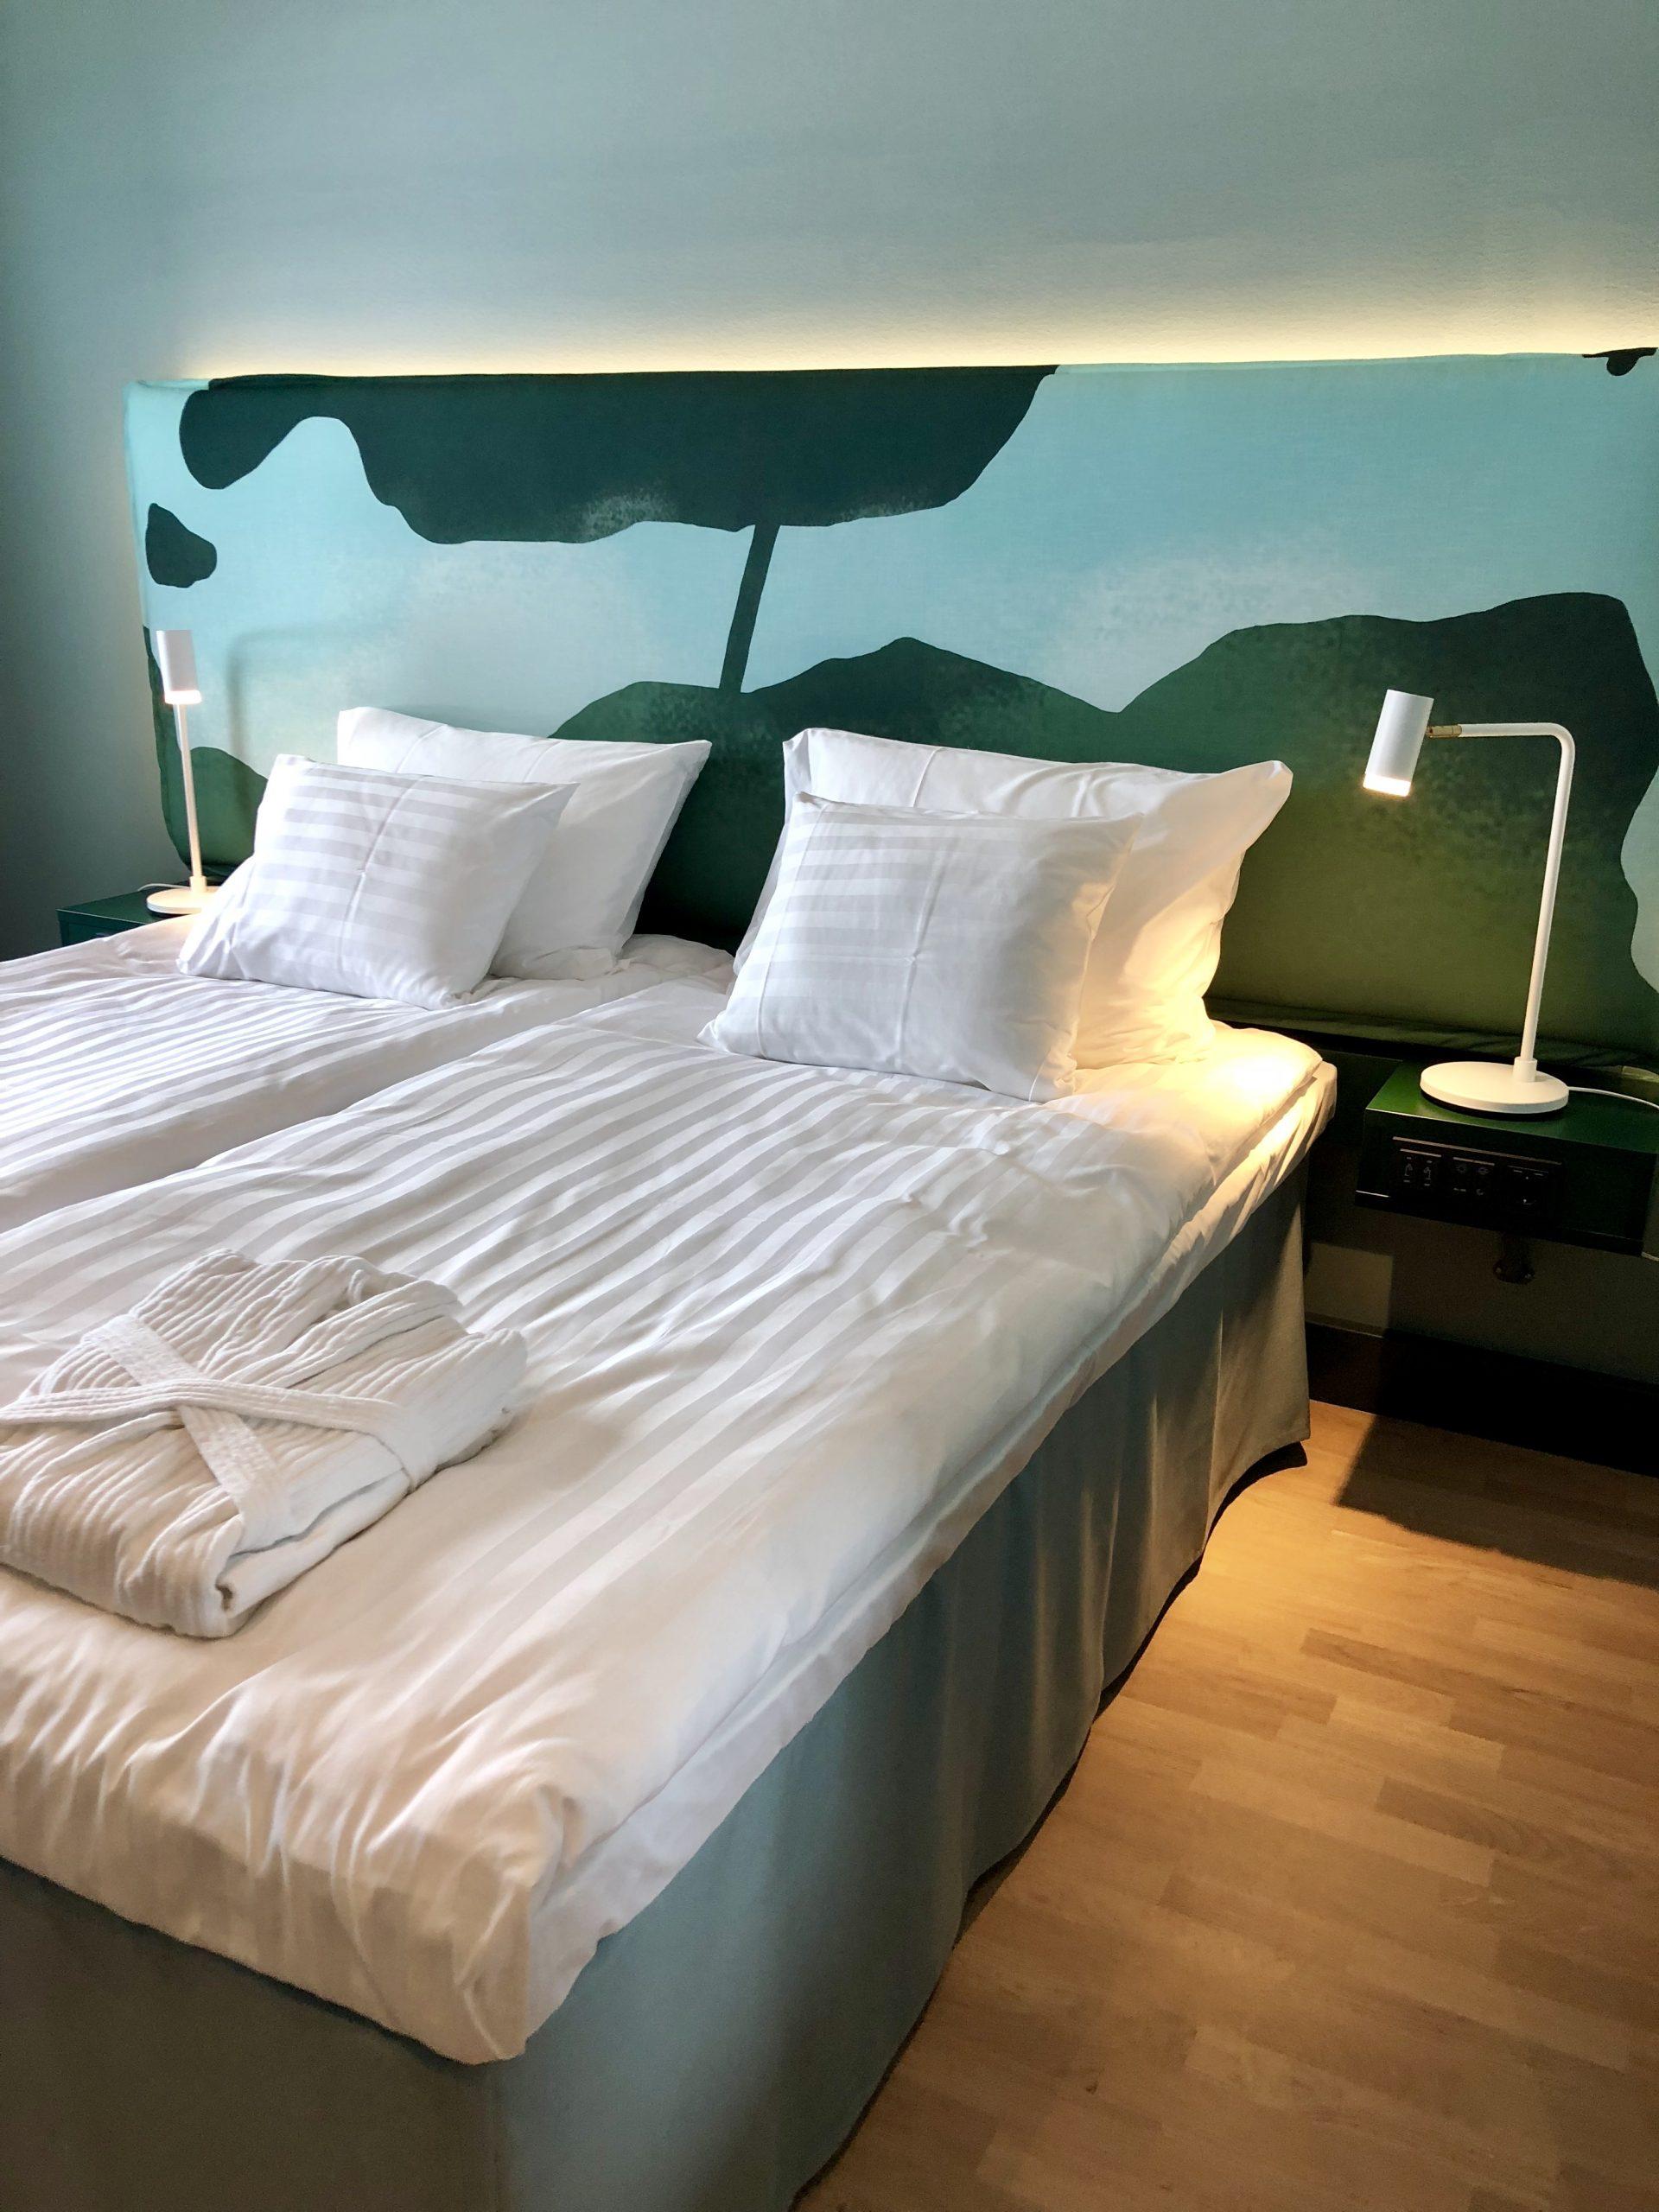 Scandic Eden Nokian uudistettu hotellihuone, jossa pedattuna iso parisänky valkoisilla lakanoilla.